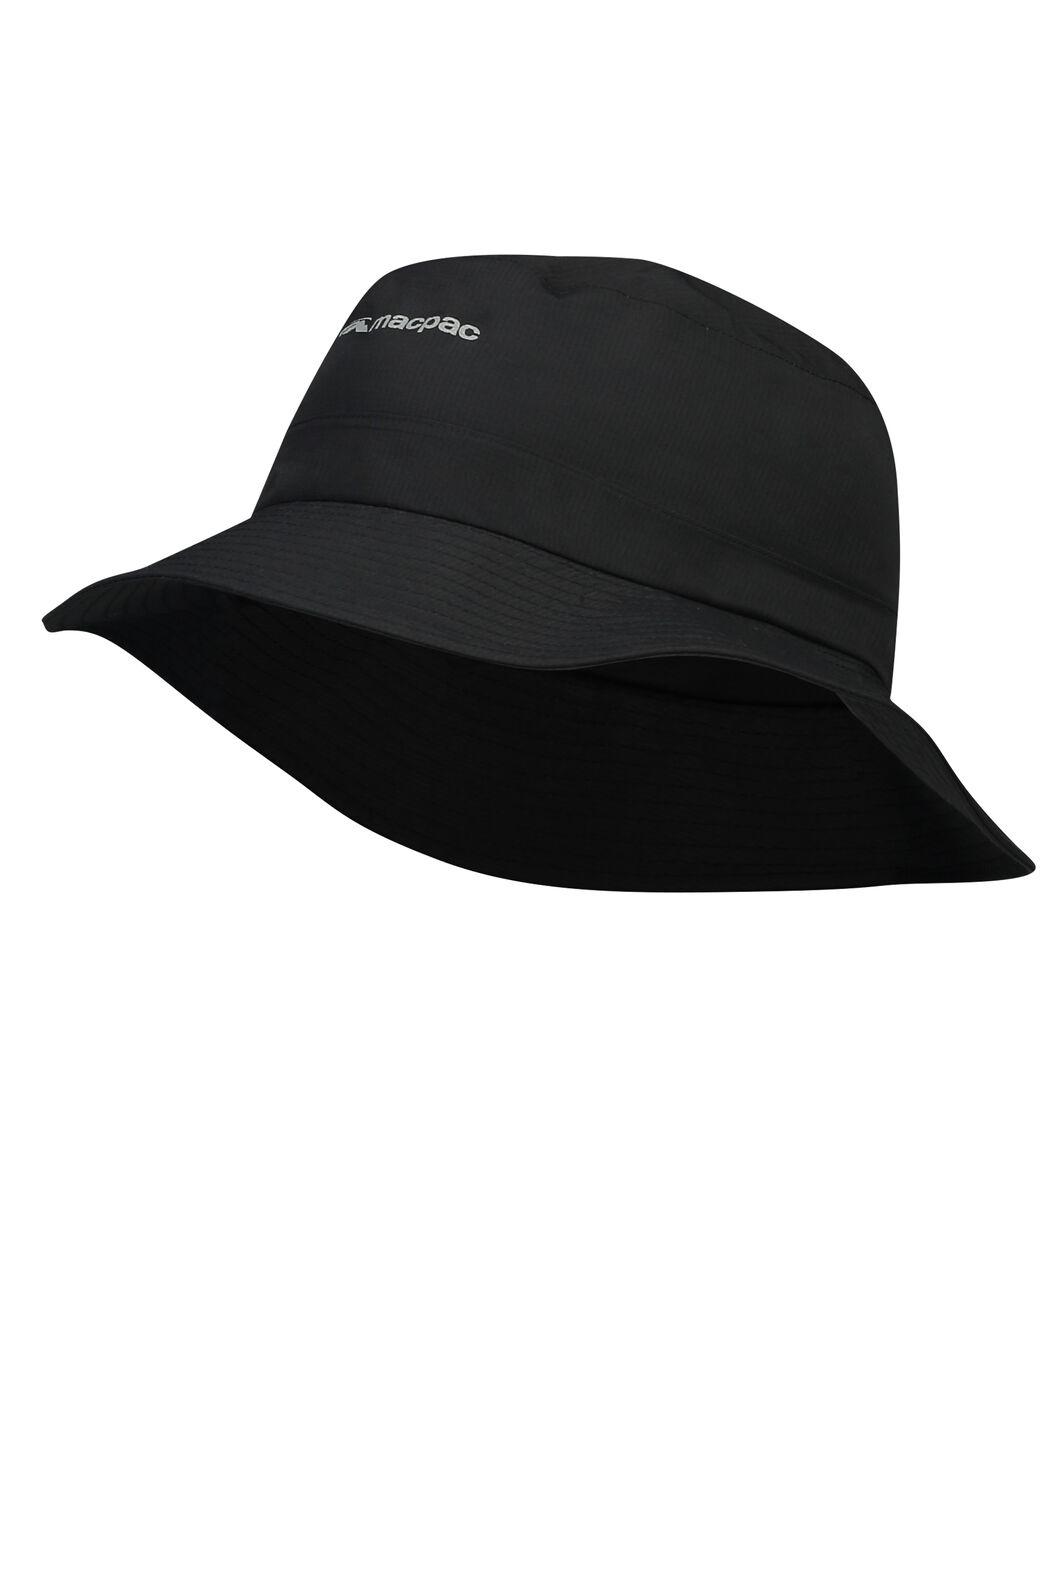 Waterproof Hat, Black, hi-res